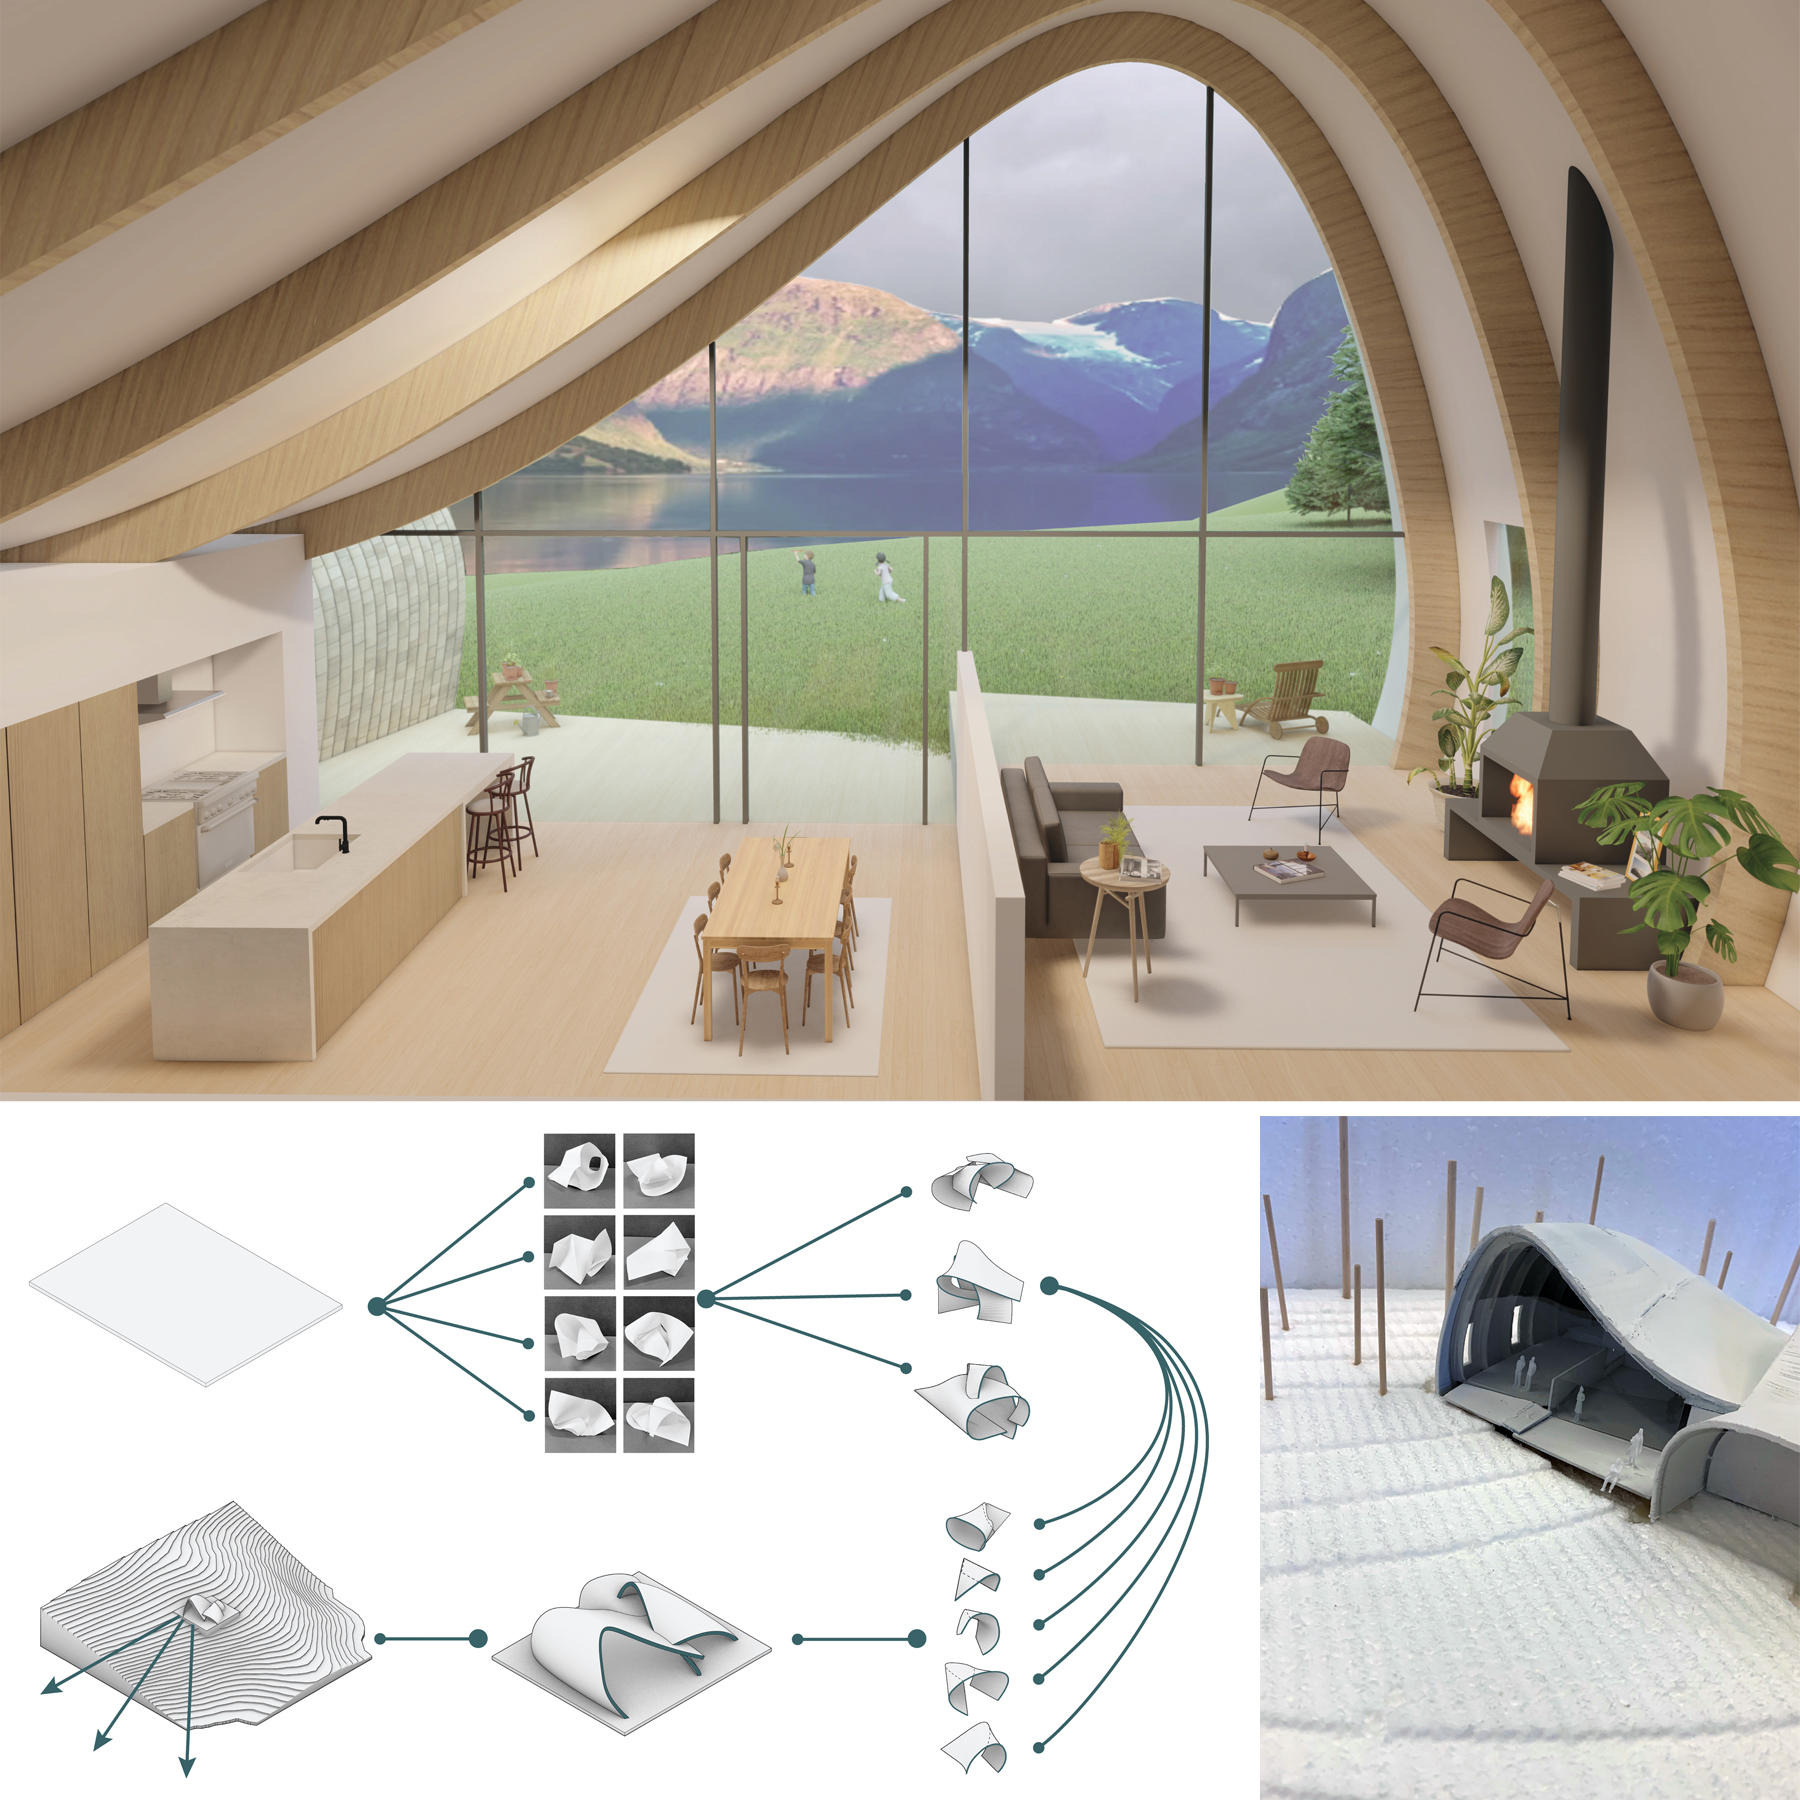 renderings and model